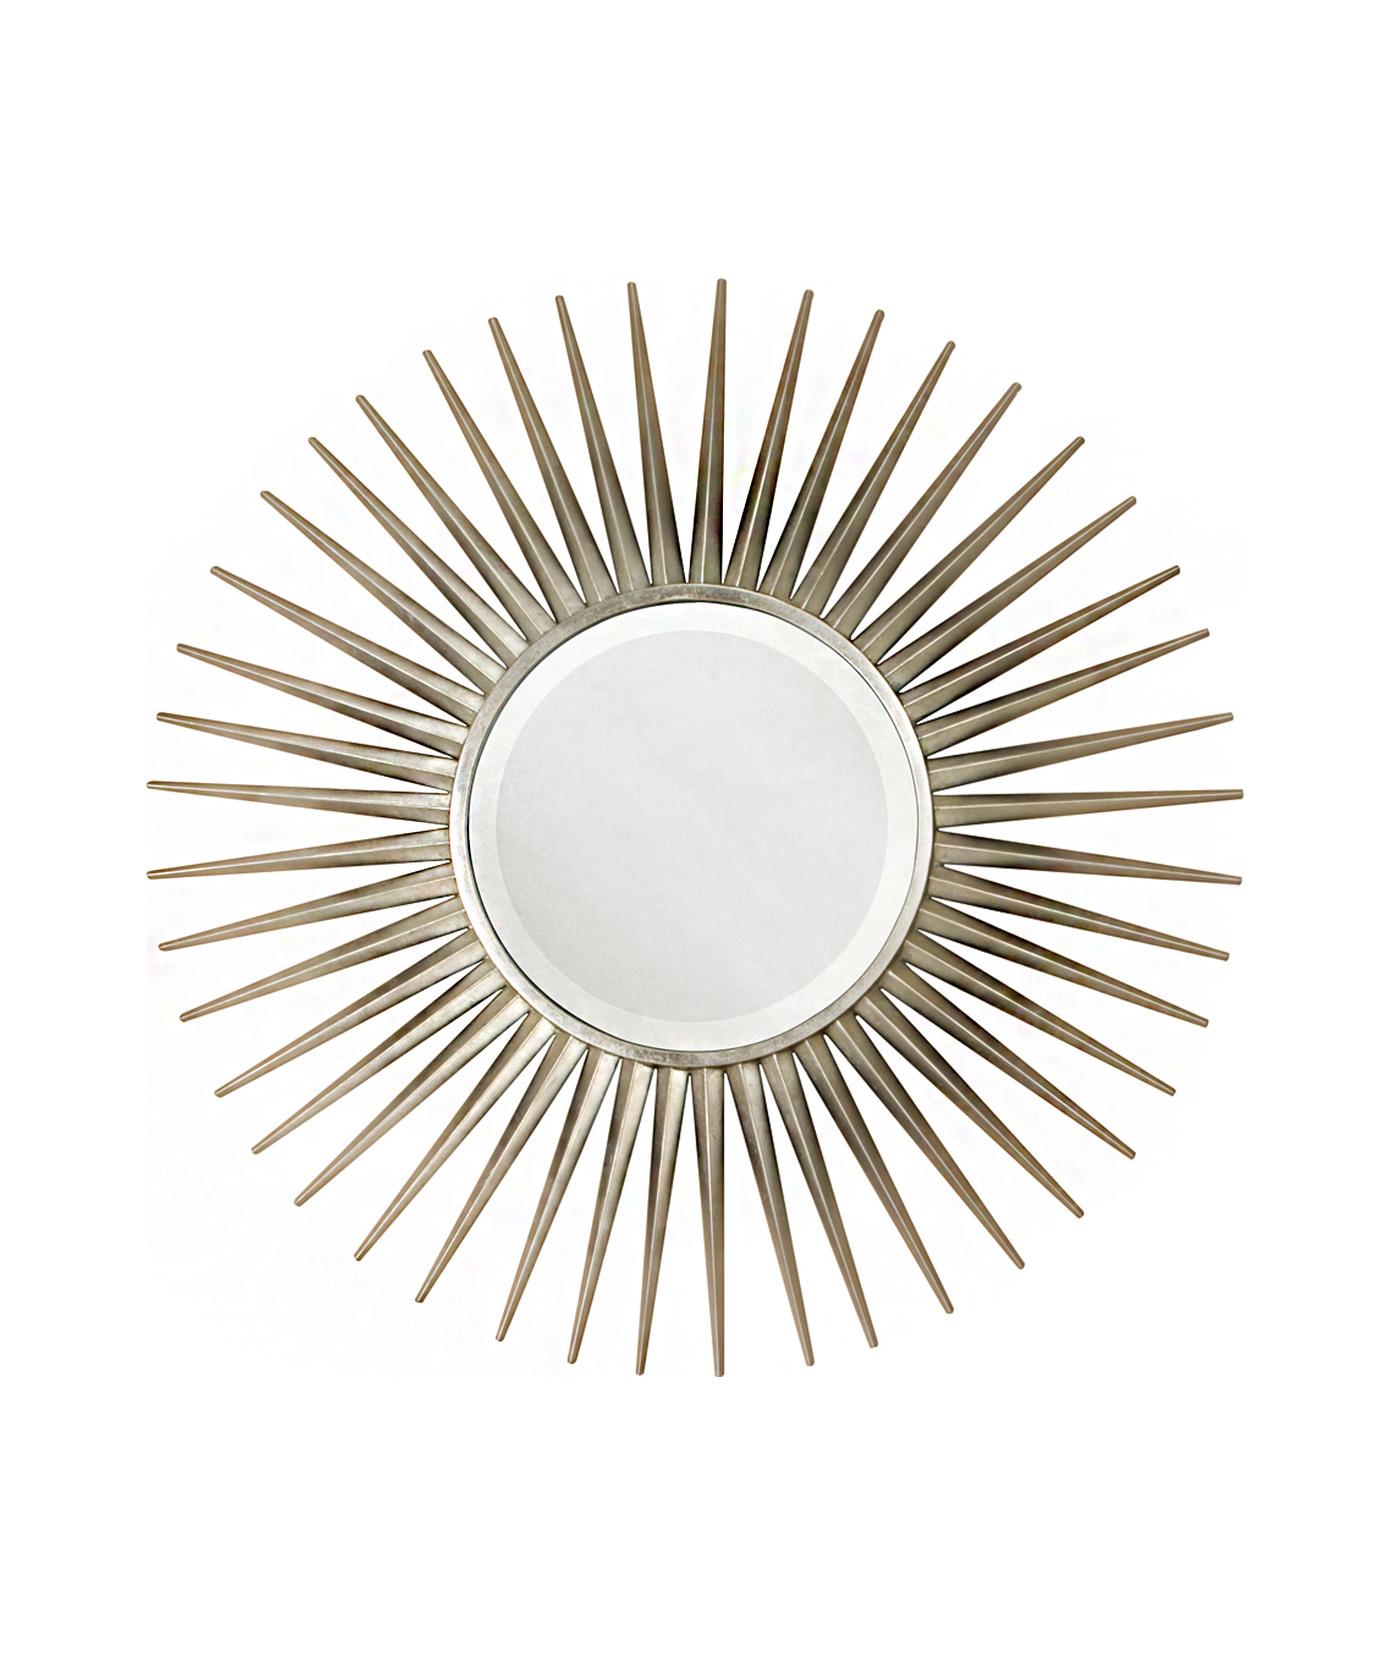 Keegan Silver Mirror